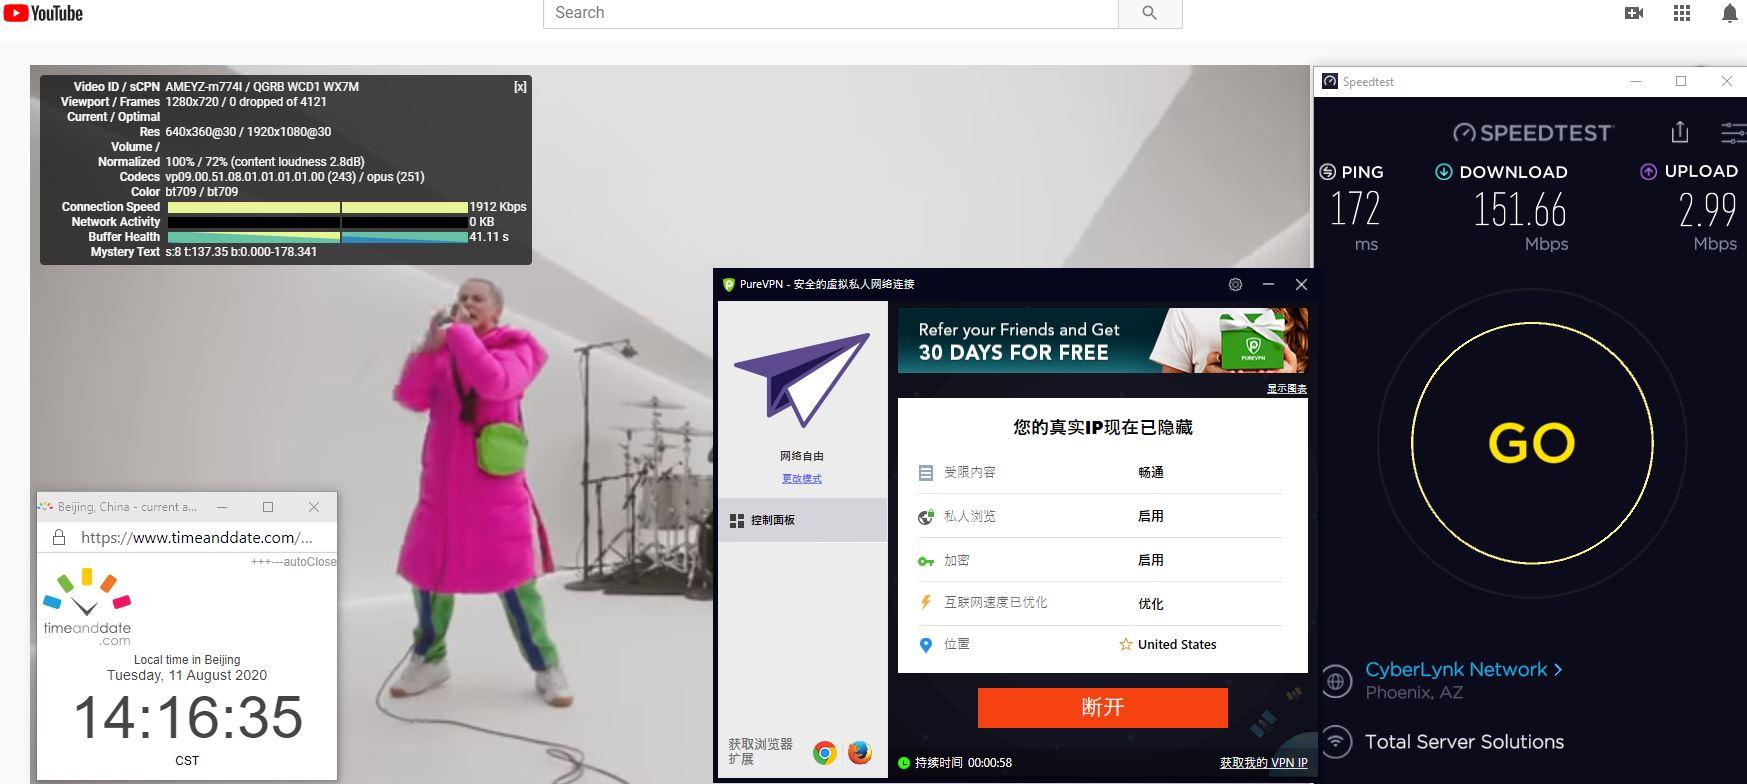 Windows10 PureVPN USA 中国VPN 翻墙 科学上网 翻墙速度测试 - 20200811